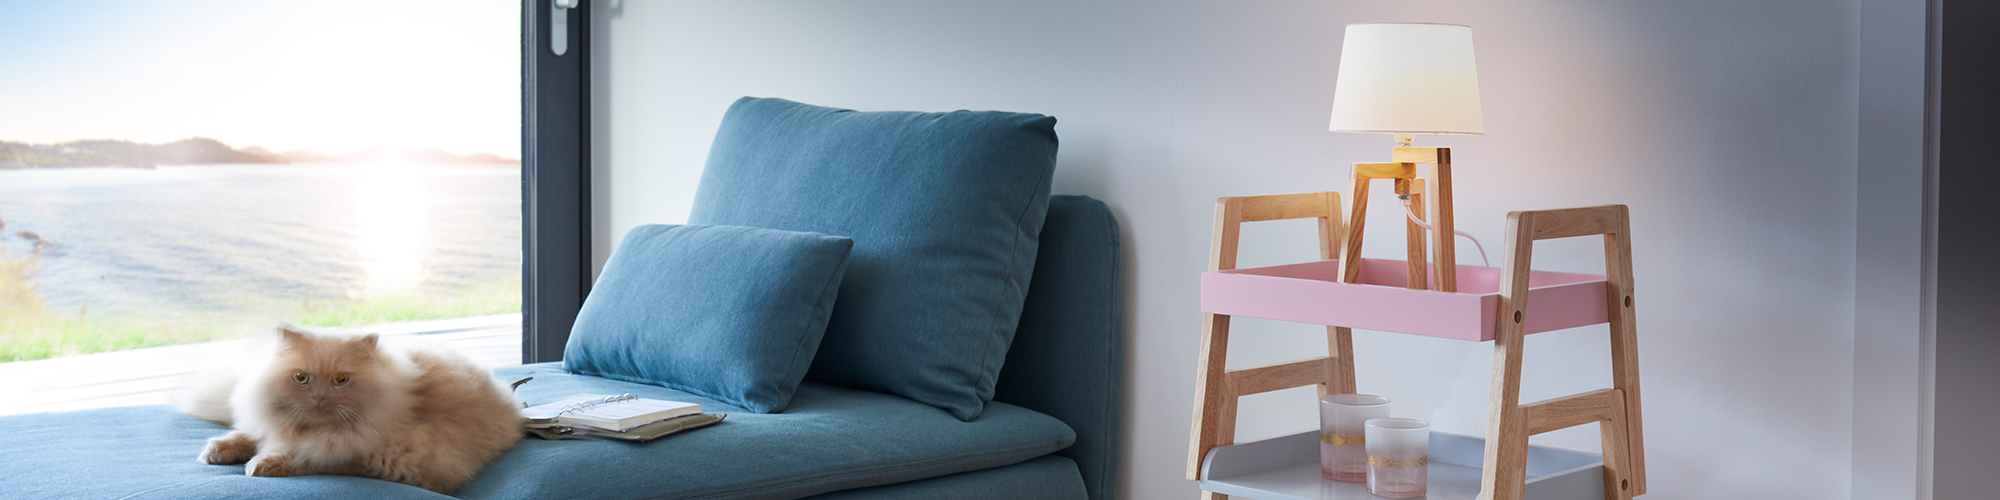 Nützliches und Praktisches für das Wohlfühl-Zuhause